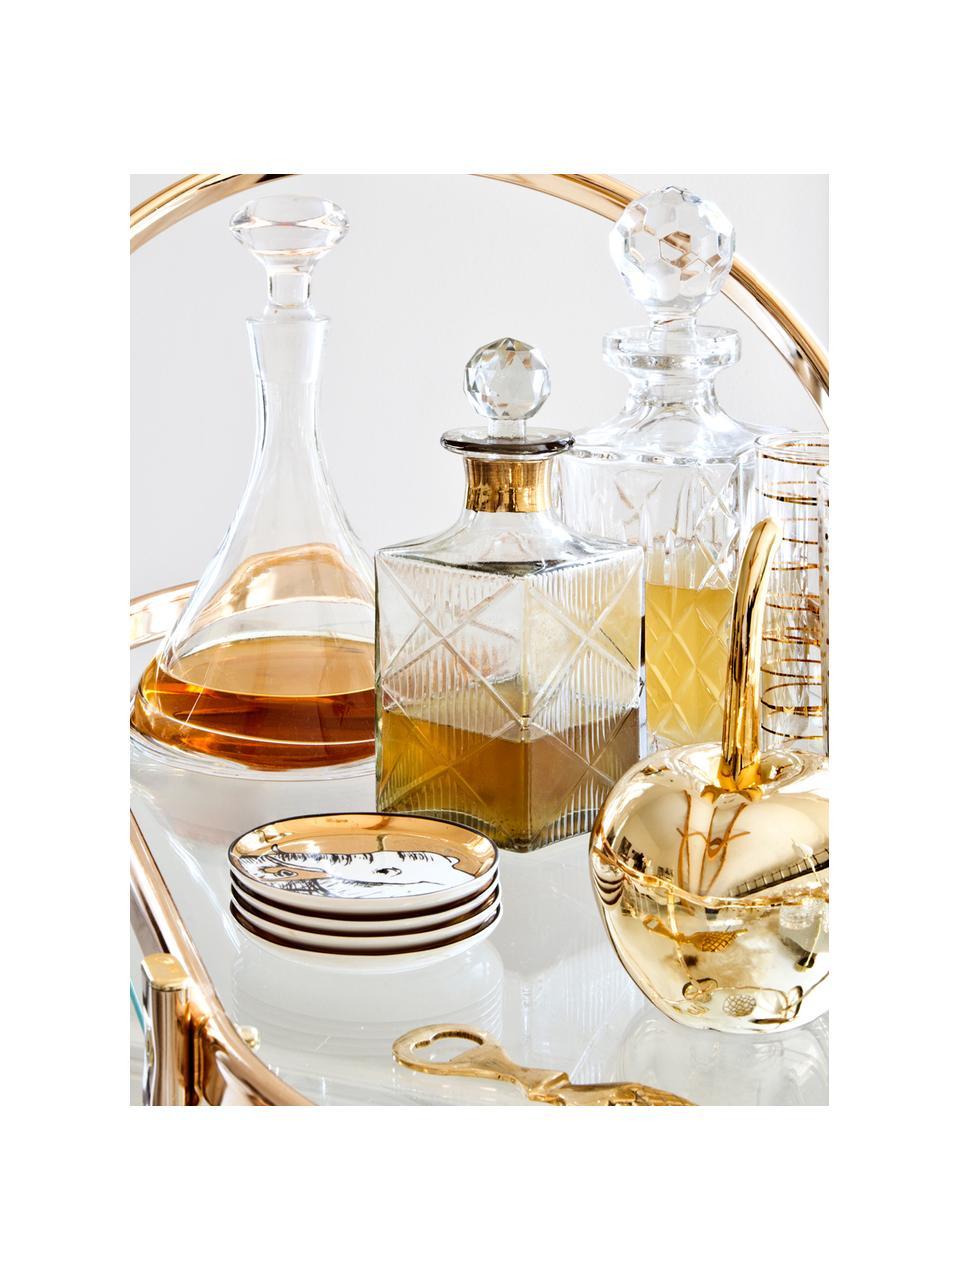 Designer Untersetzer Animalia in Gold, 4er-Set, Porzellan, Gold,Schwarz,Weiß, Ø 10 cm